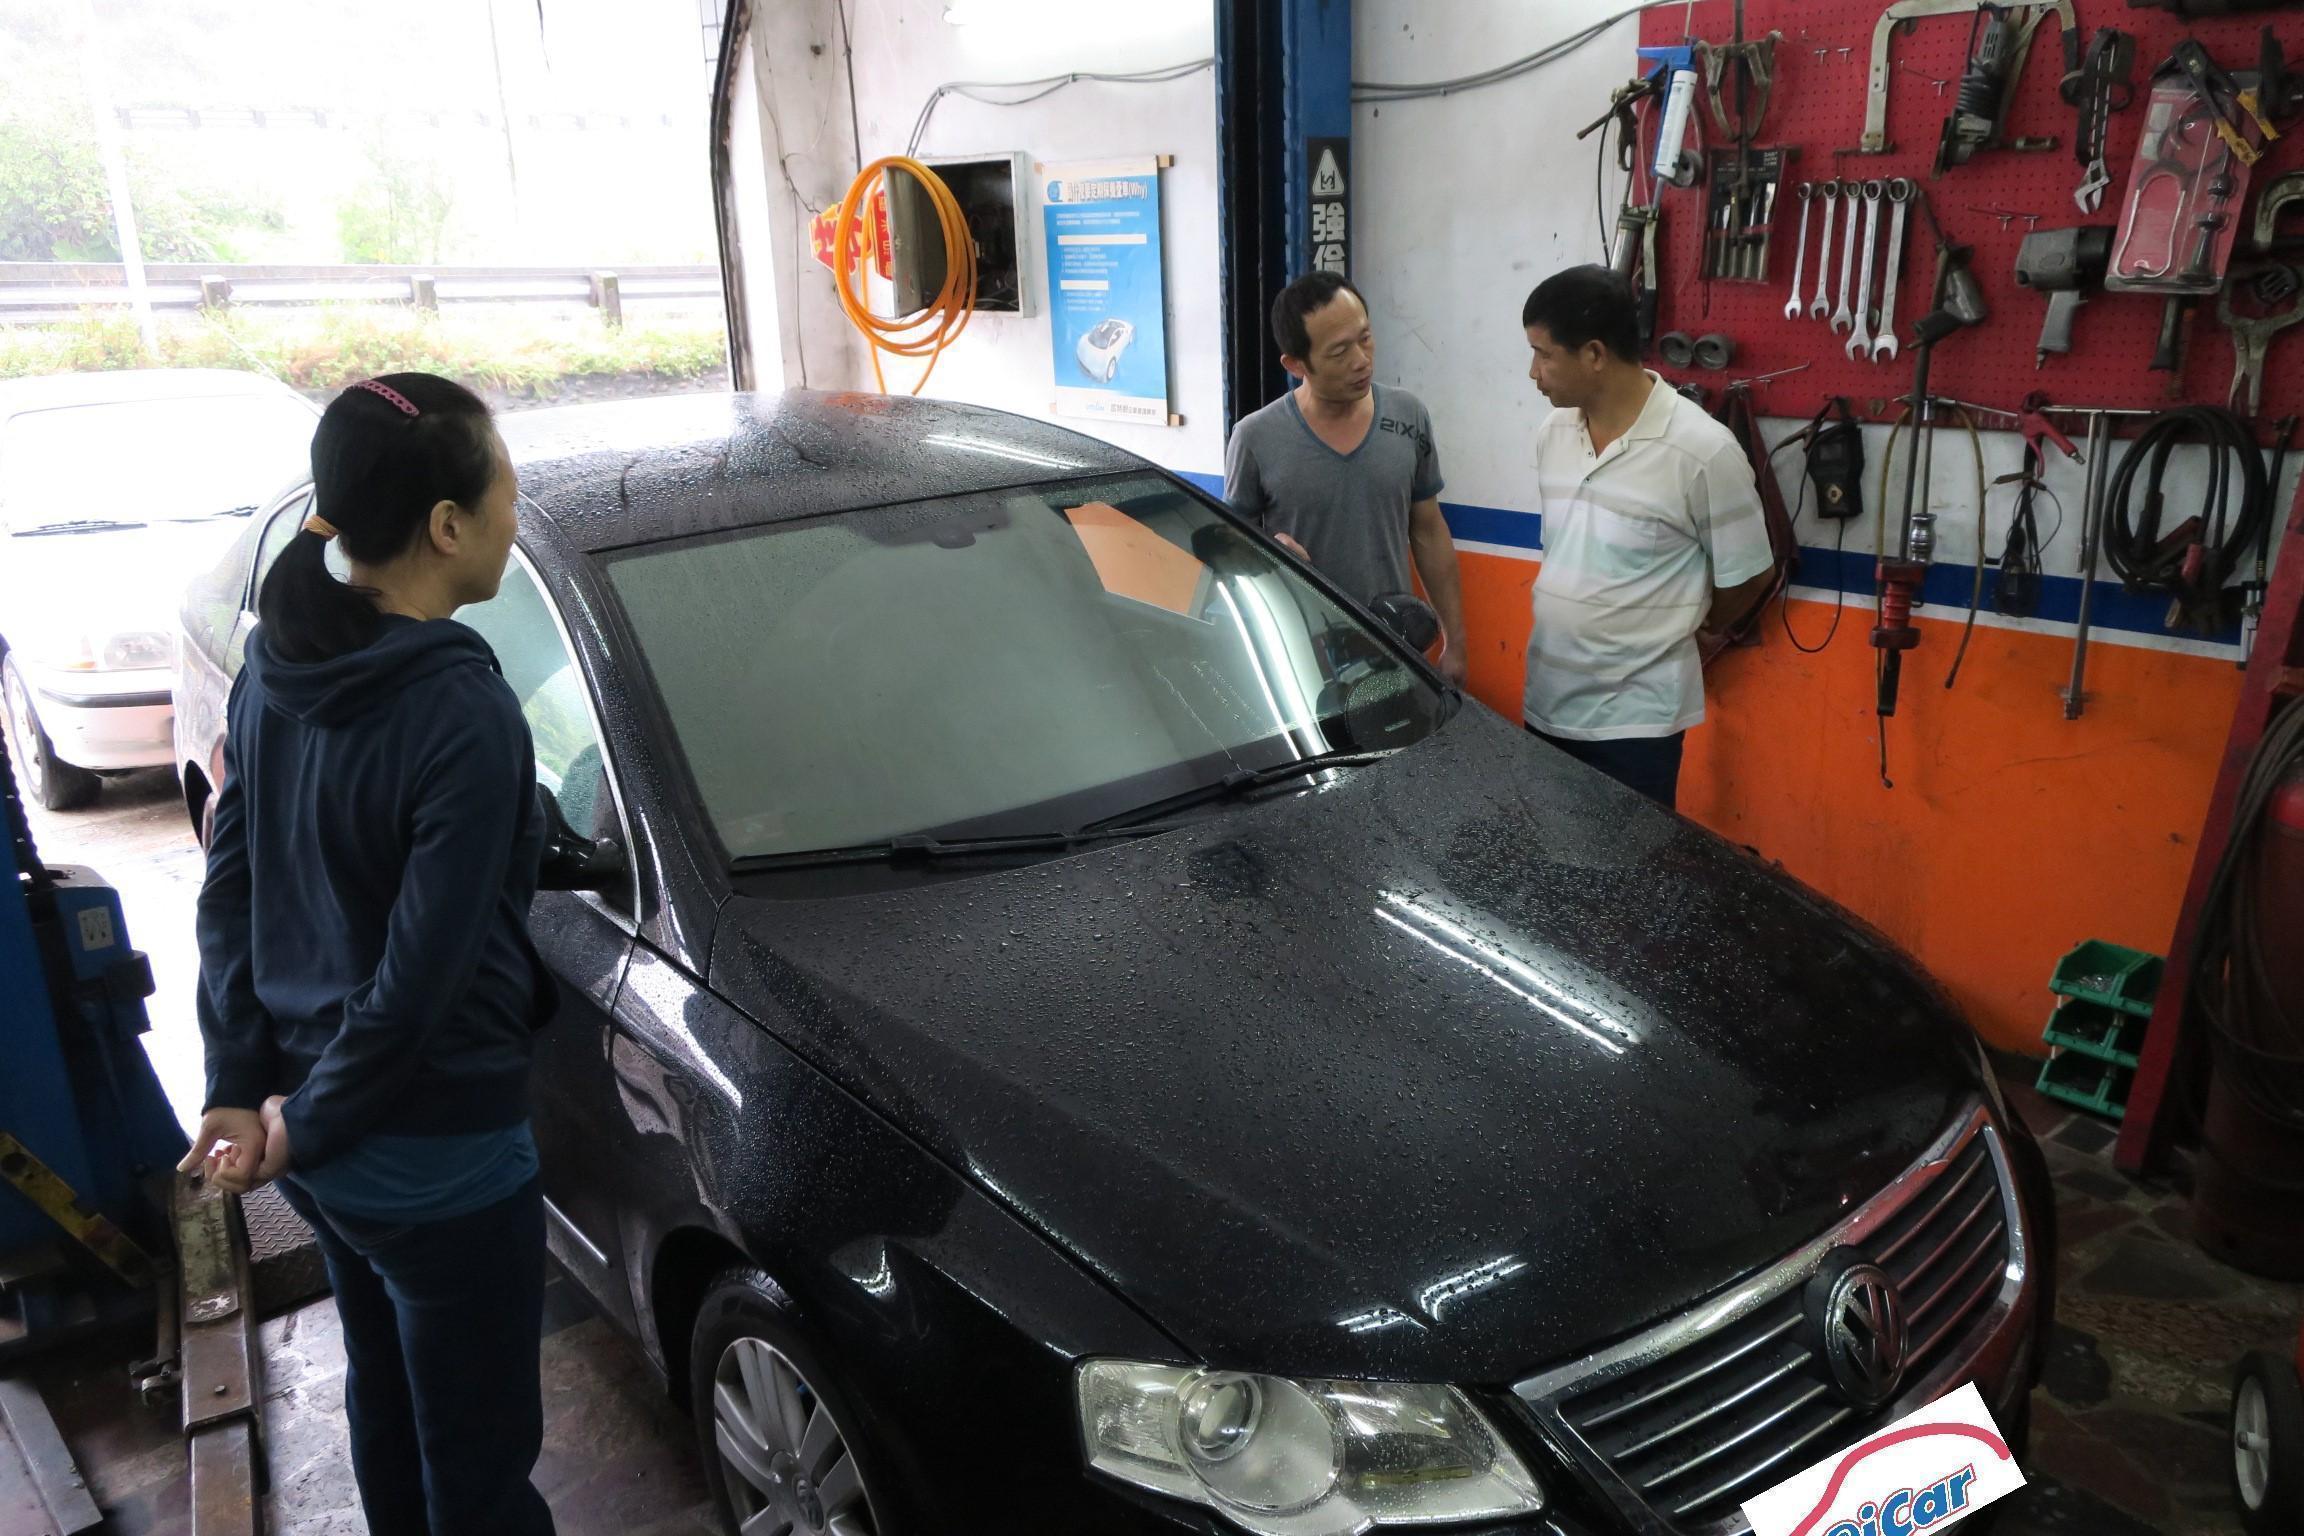 張老闆正向車主說明故障原因與修復方式。豪德汽車